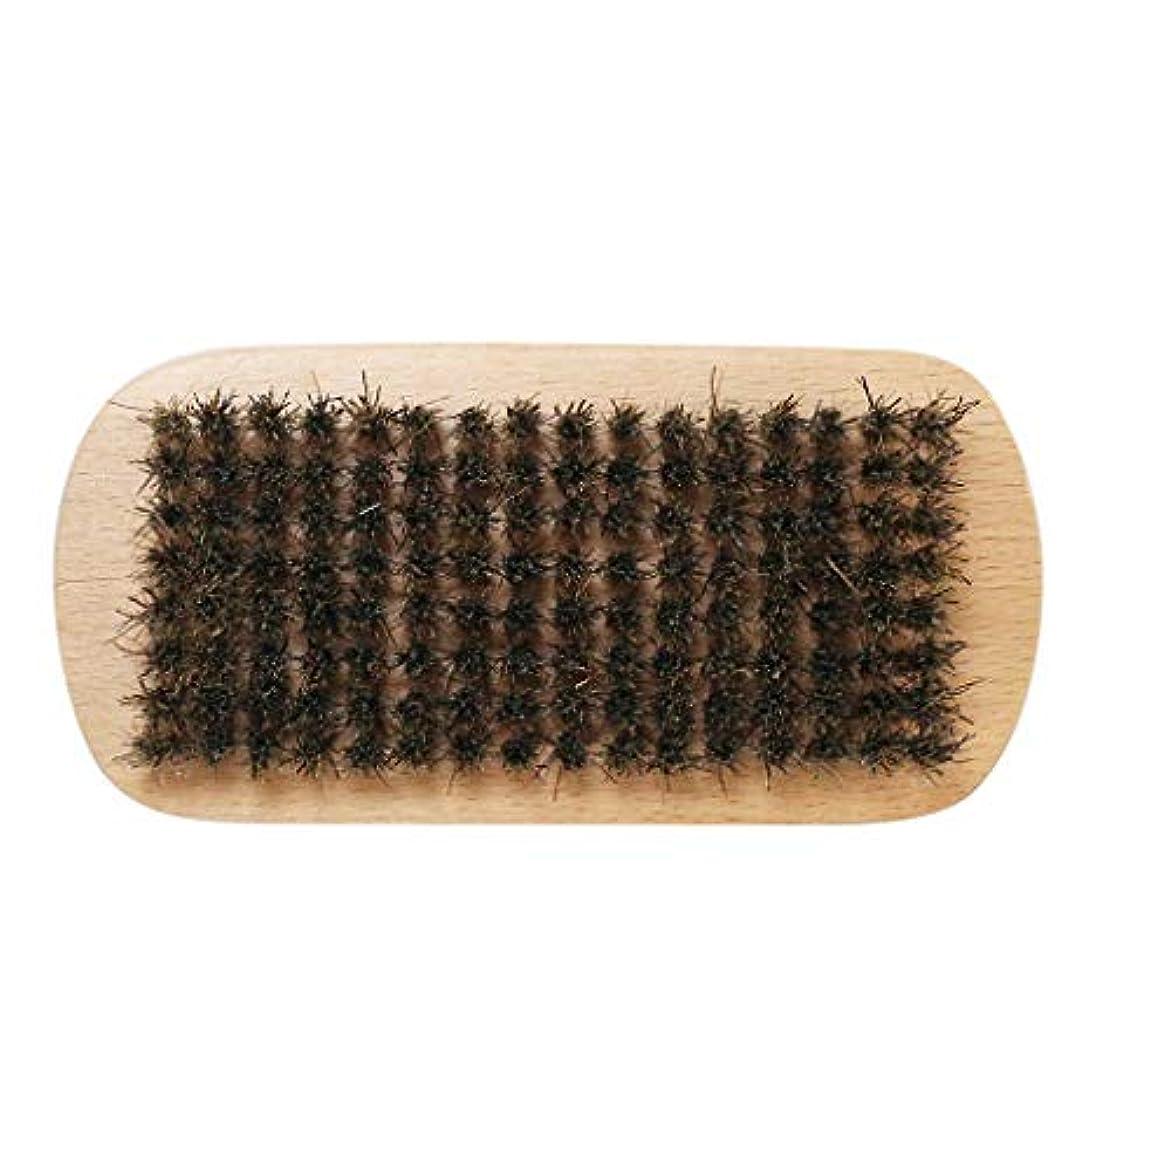 十代スーダンピグマリオンVertily の メイクアップ ショップ 男性 ひげブラシ イノシシの毛 毛のひげ 堅い楕円形 木製 男性 ブラシ 口ひげコンディショニングのスタイリングとメンテナンスのためのフェイシャルヘアコーム 黄